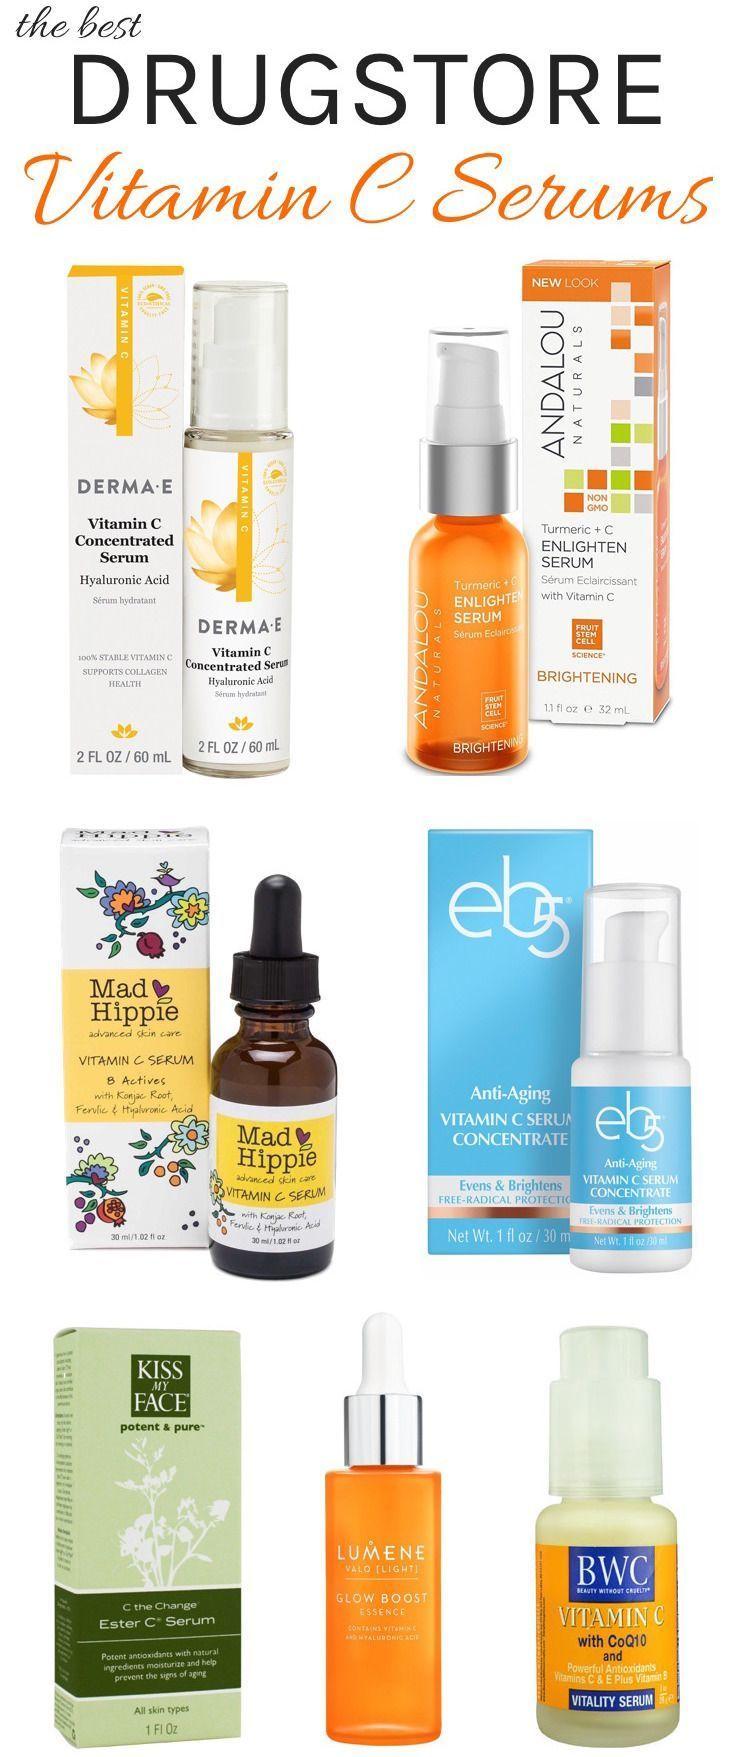 The Best Vitamin C Serums Drugstore to HighEnd Best